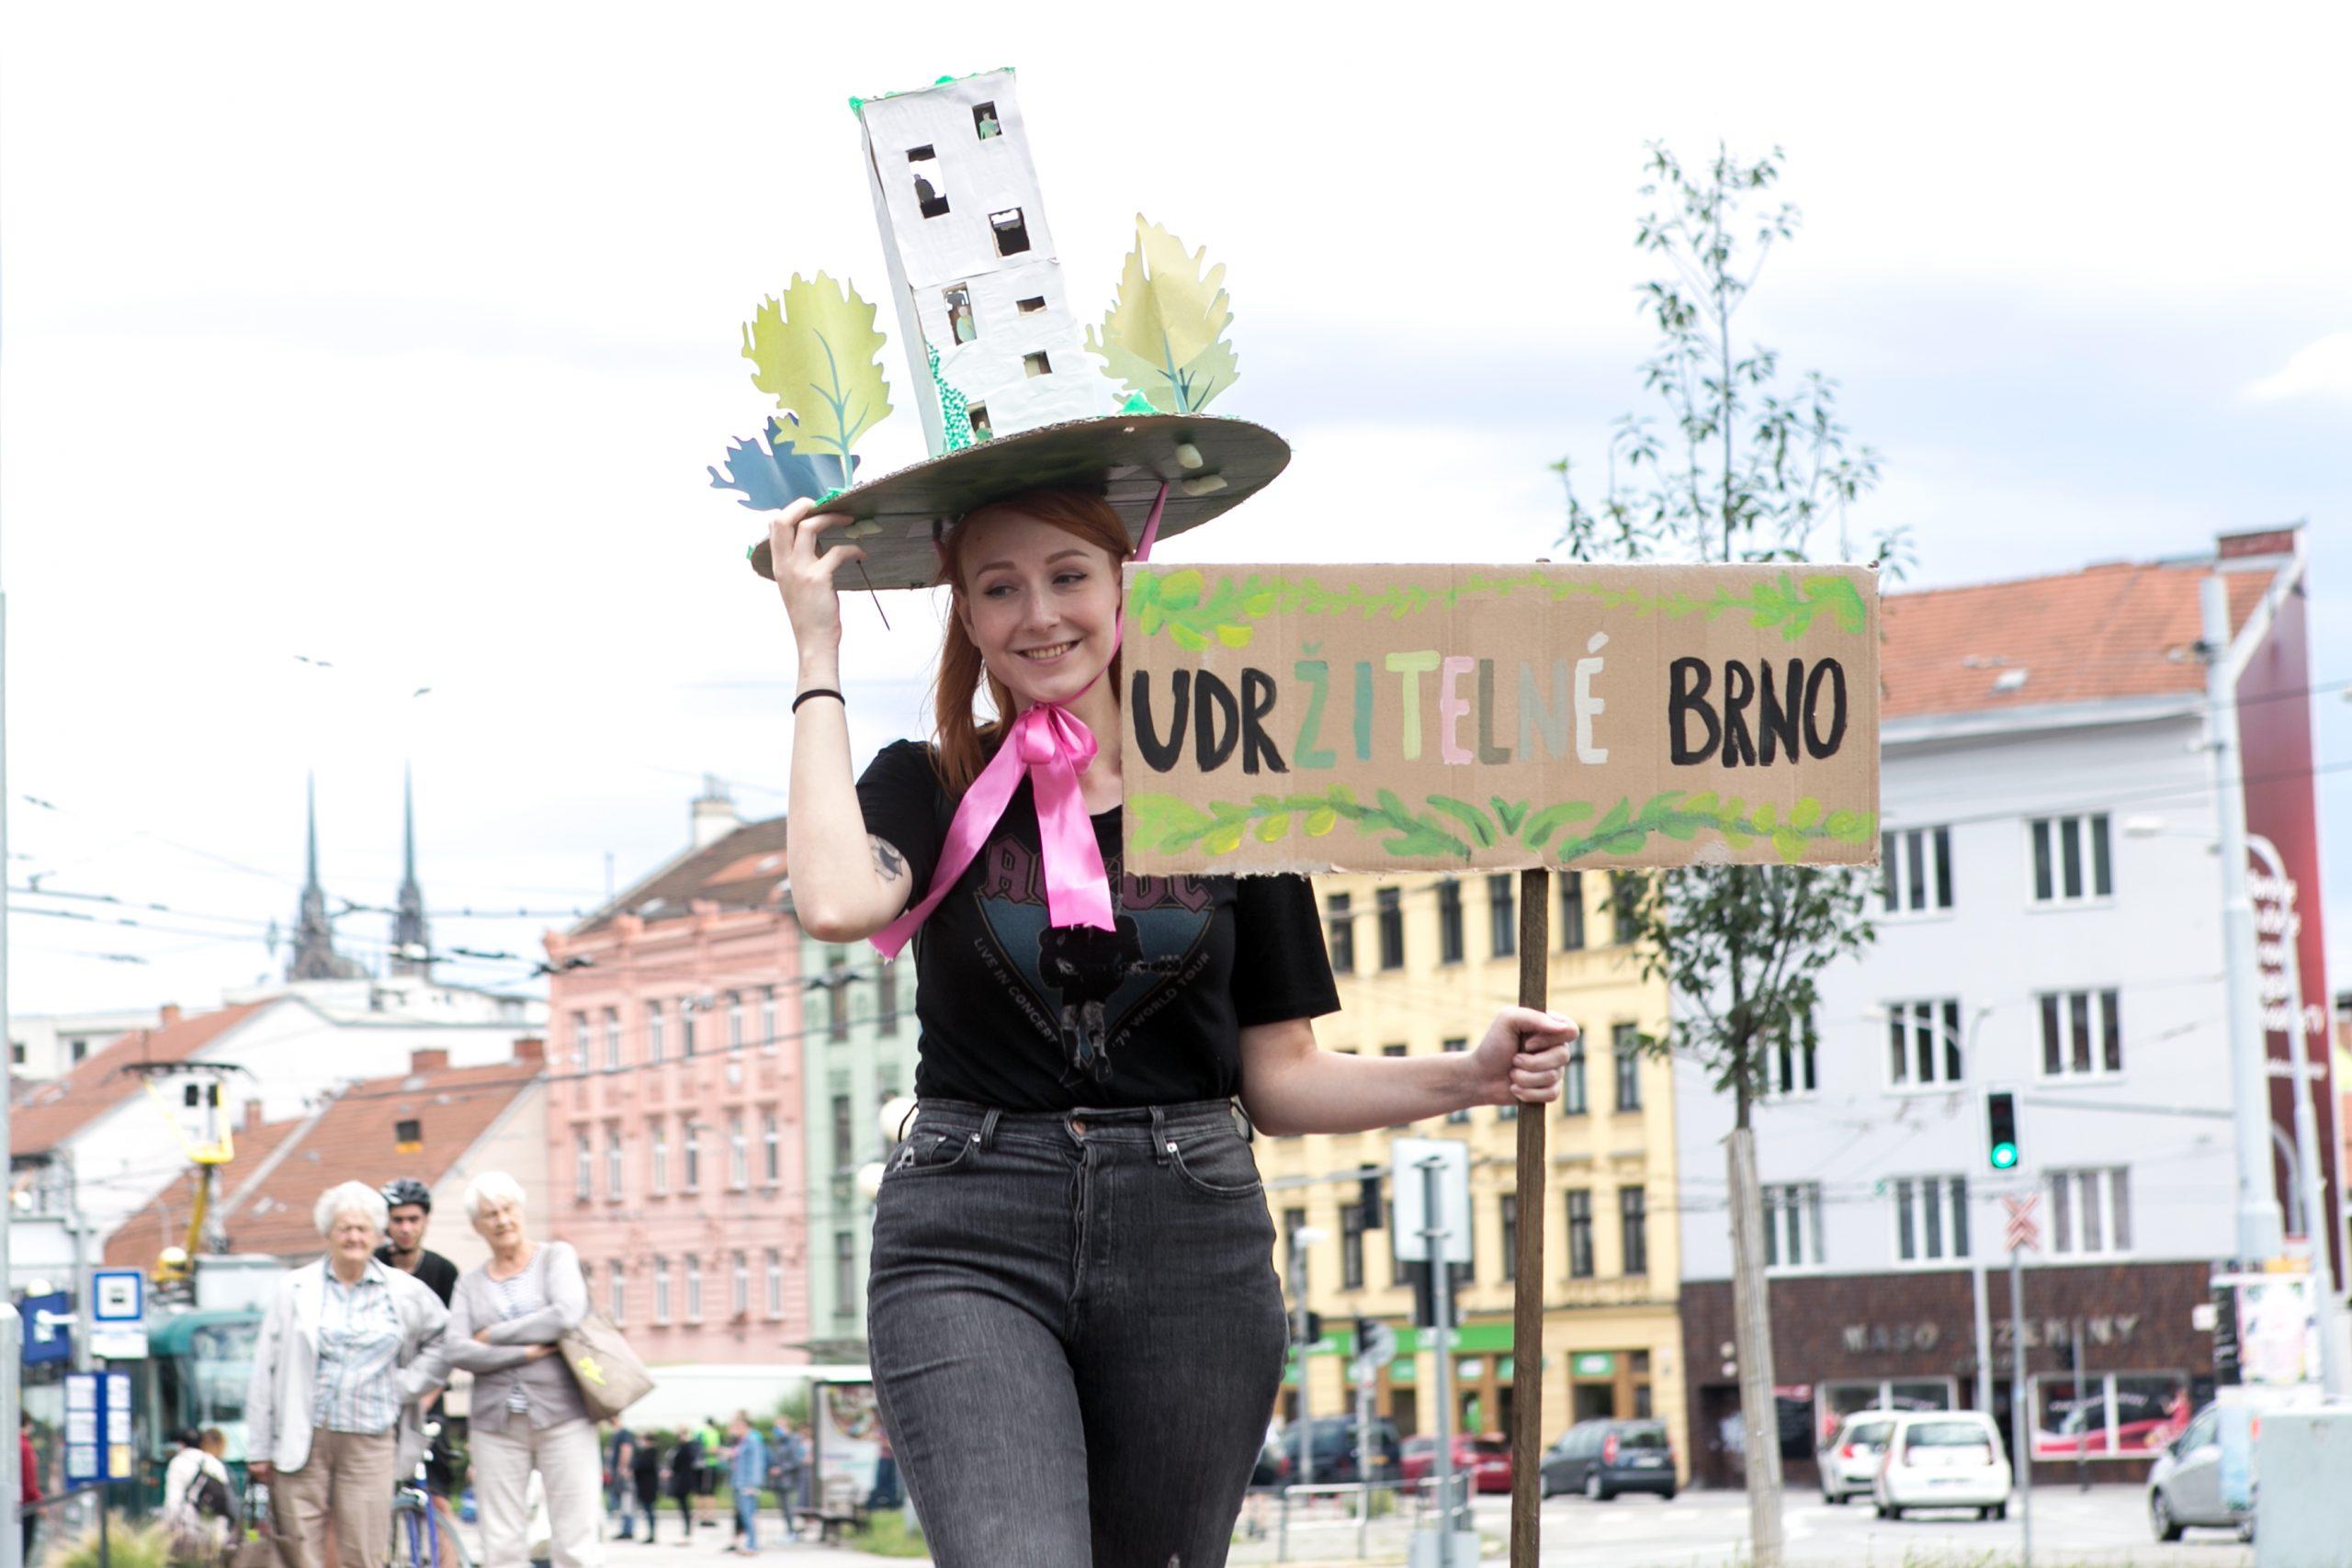 Tisíce lidí požadují změny v novém územním plánu Brna